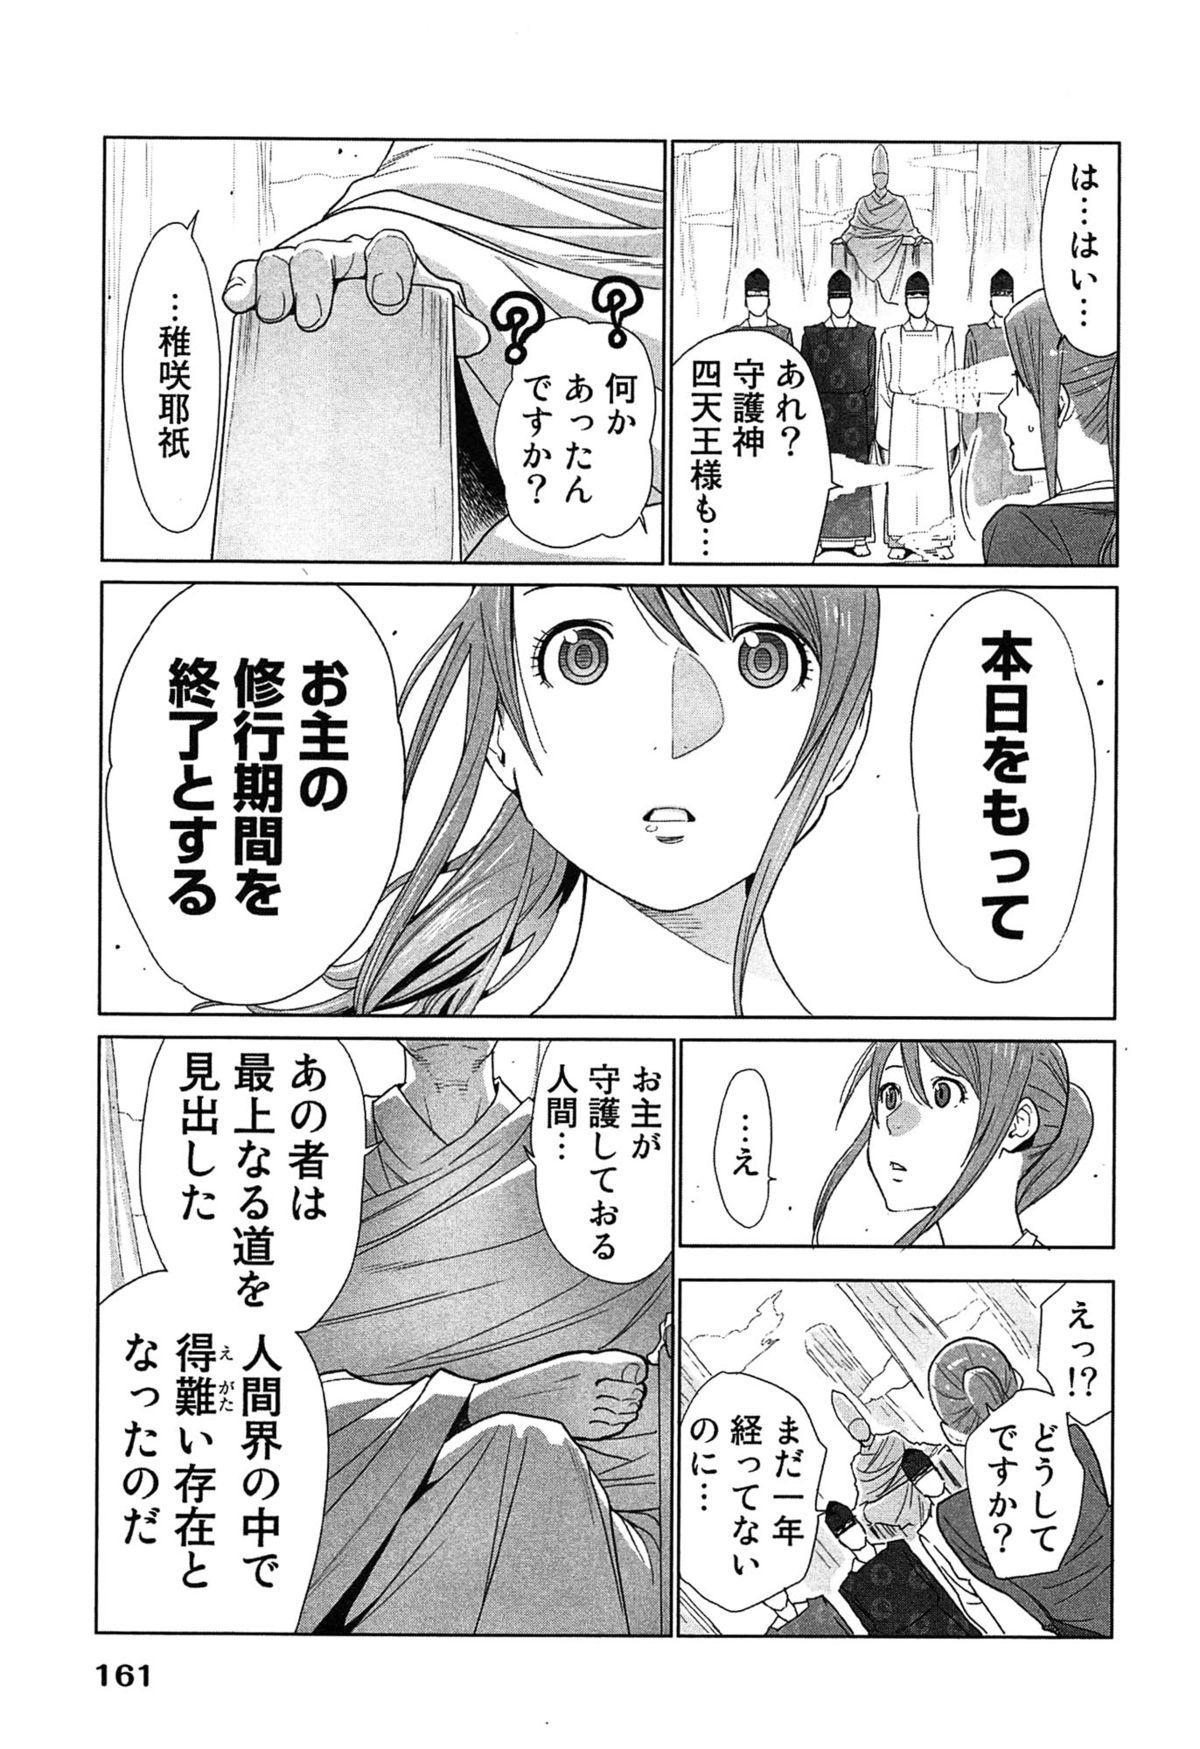 Megami to Ichinen Kura Shite Mita. 2 164